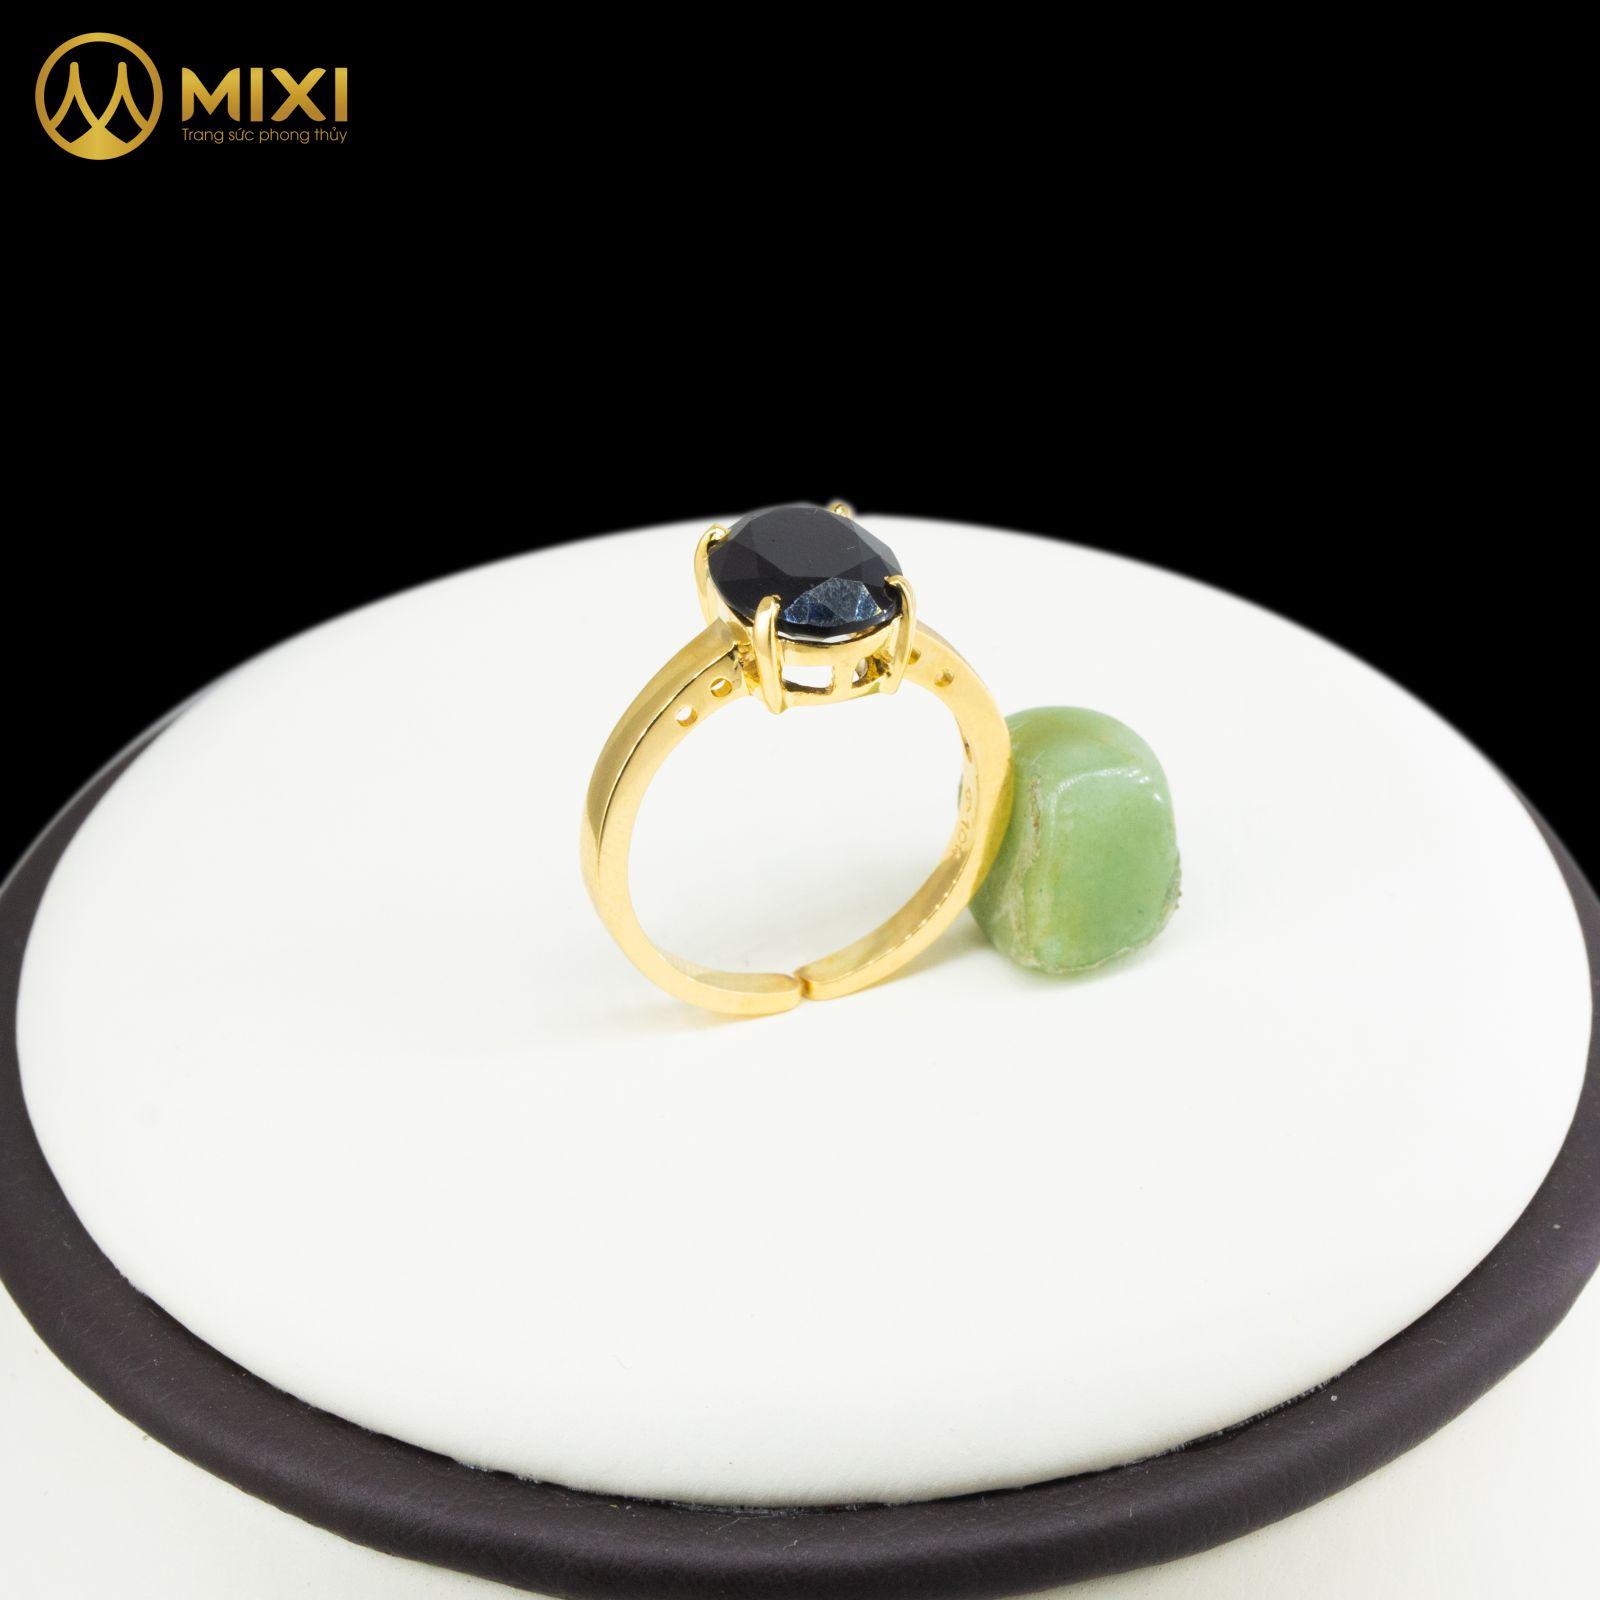 Nhẫn Nữ Mặt Đá Núi Lửa Giác Oval Vàng 10K